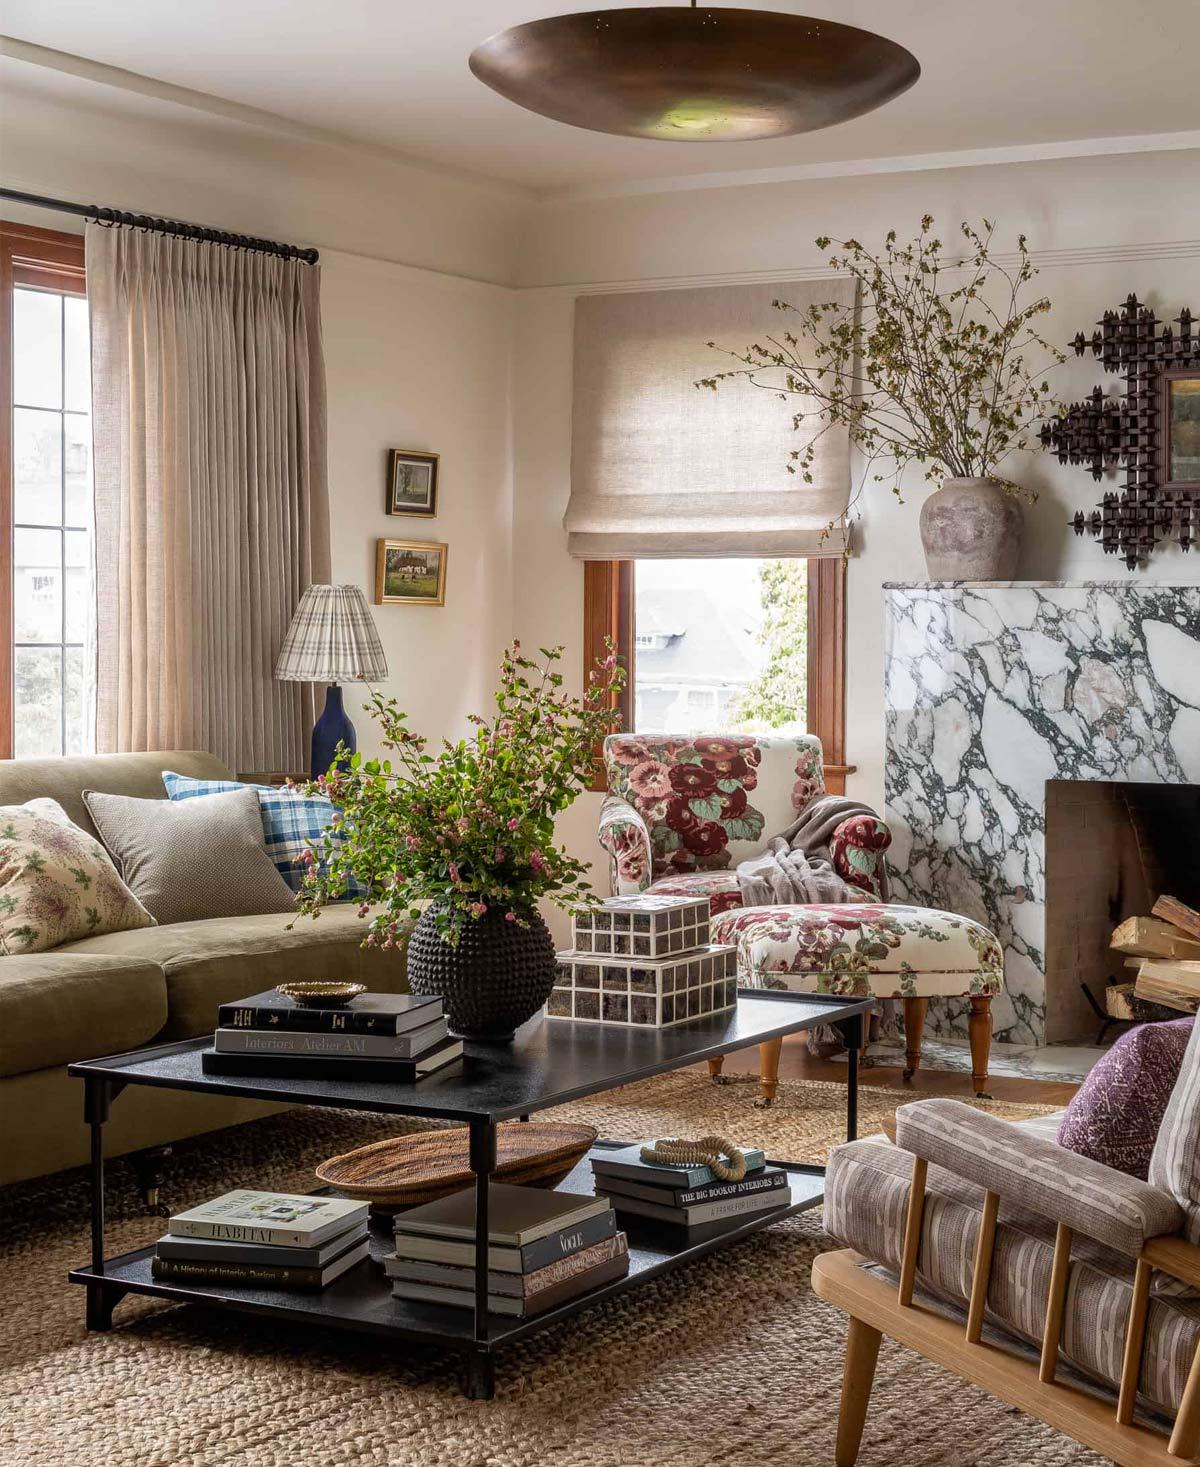 Phong cách Vintage trong trang trí nội thất có gì đặc biệt?